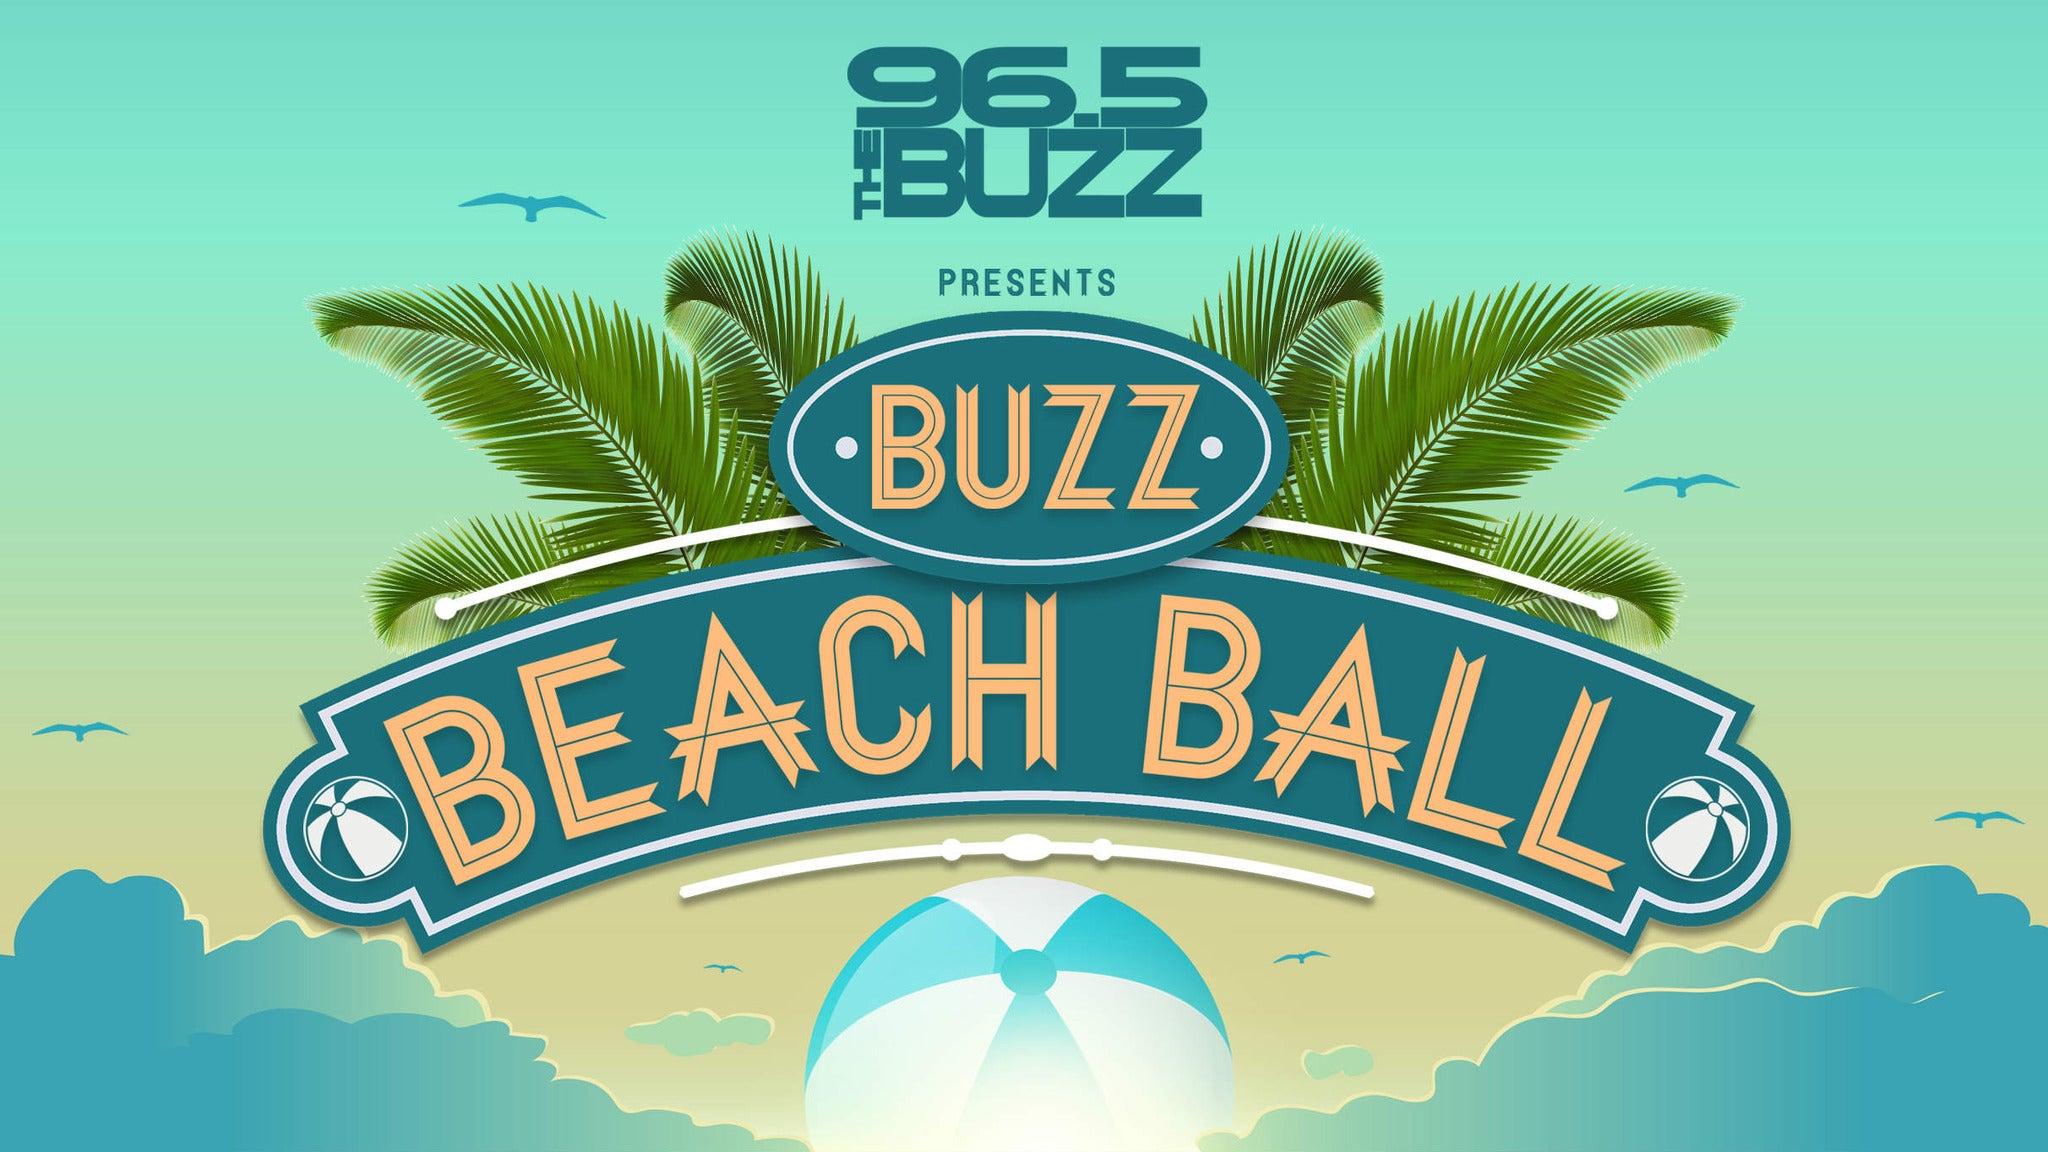 96.5 The Buzz presents Buzz Beach Ball 2018